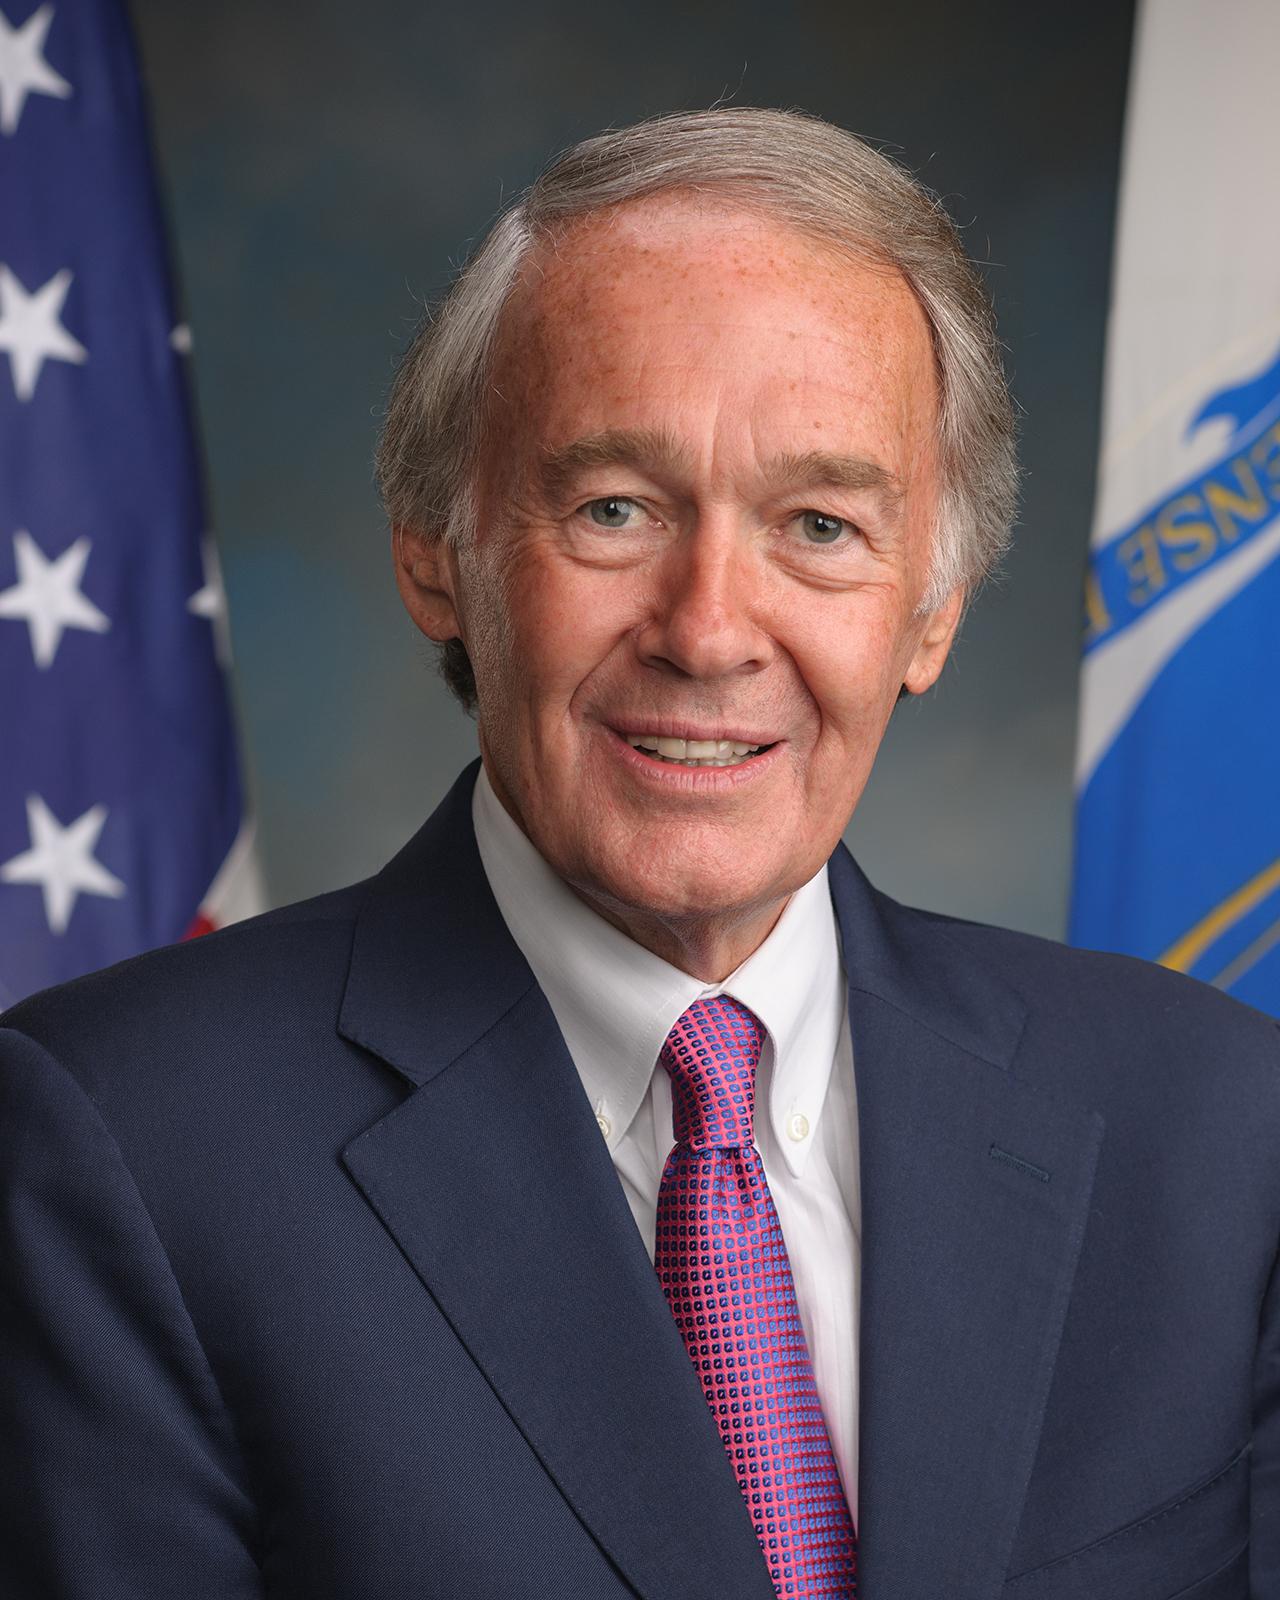 Sen. Edward Markey